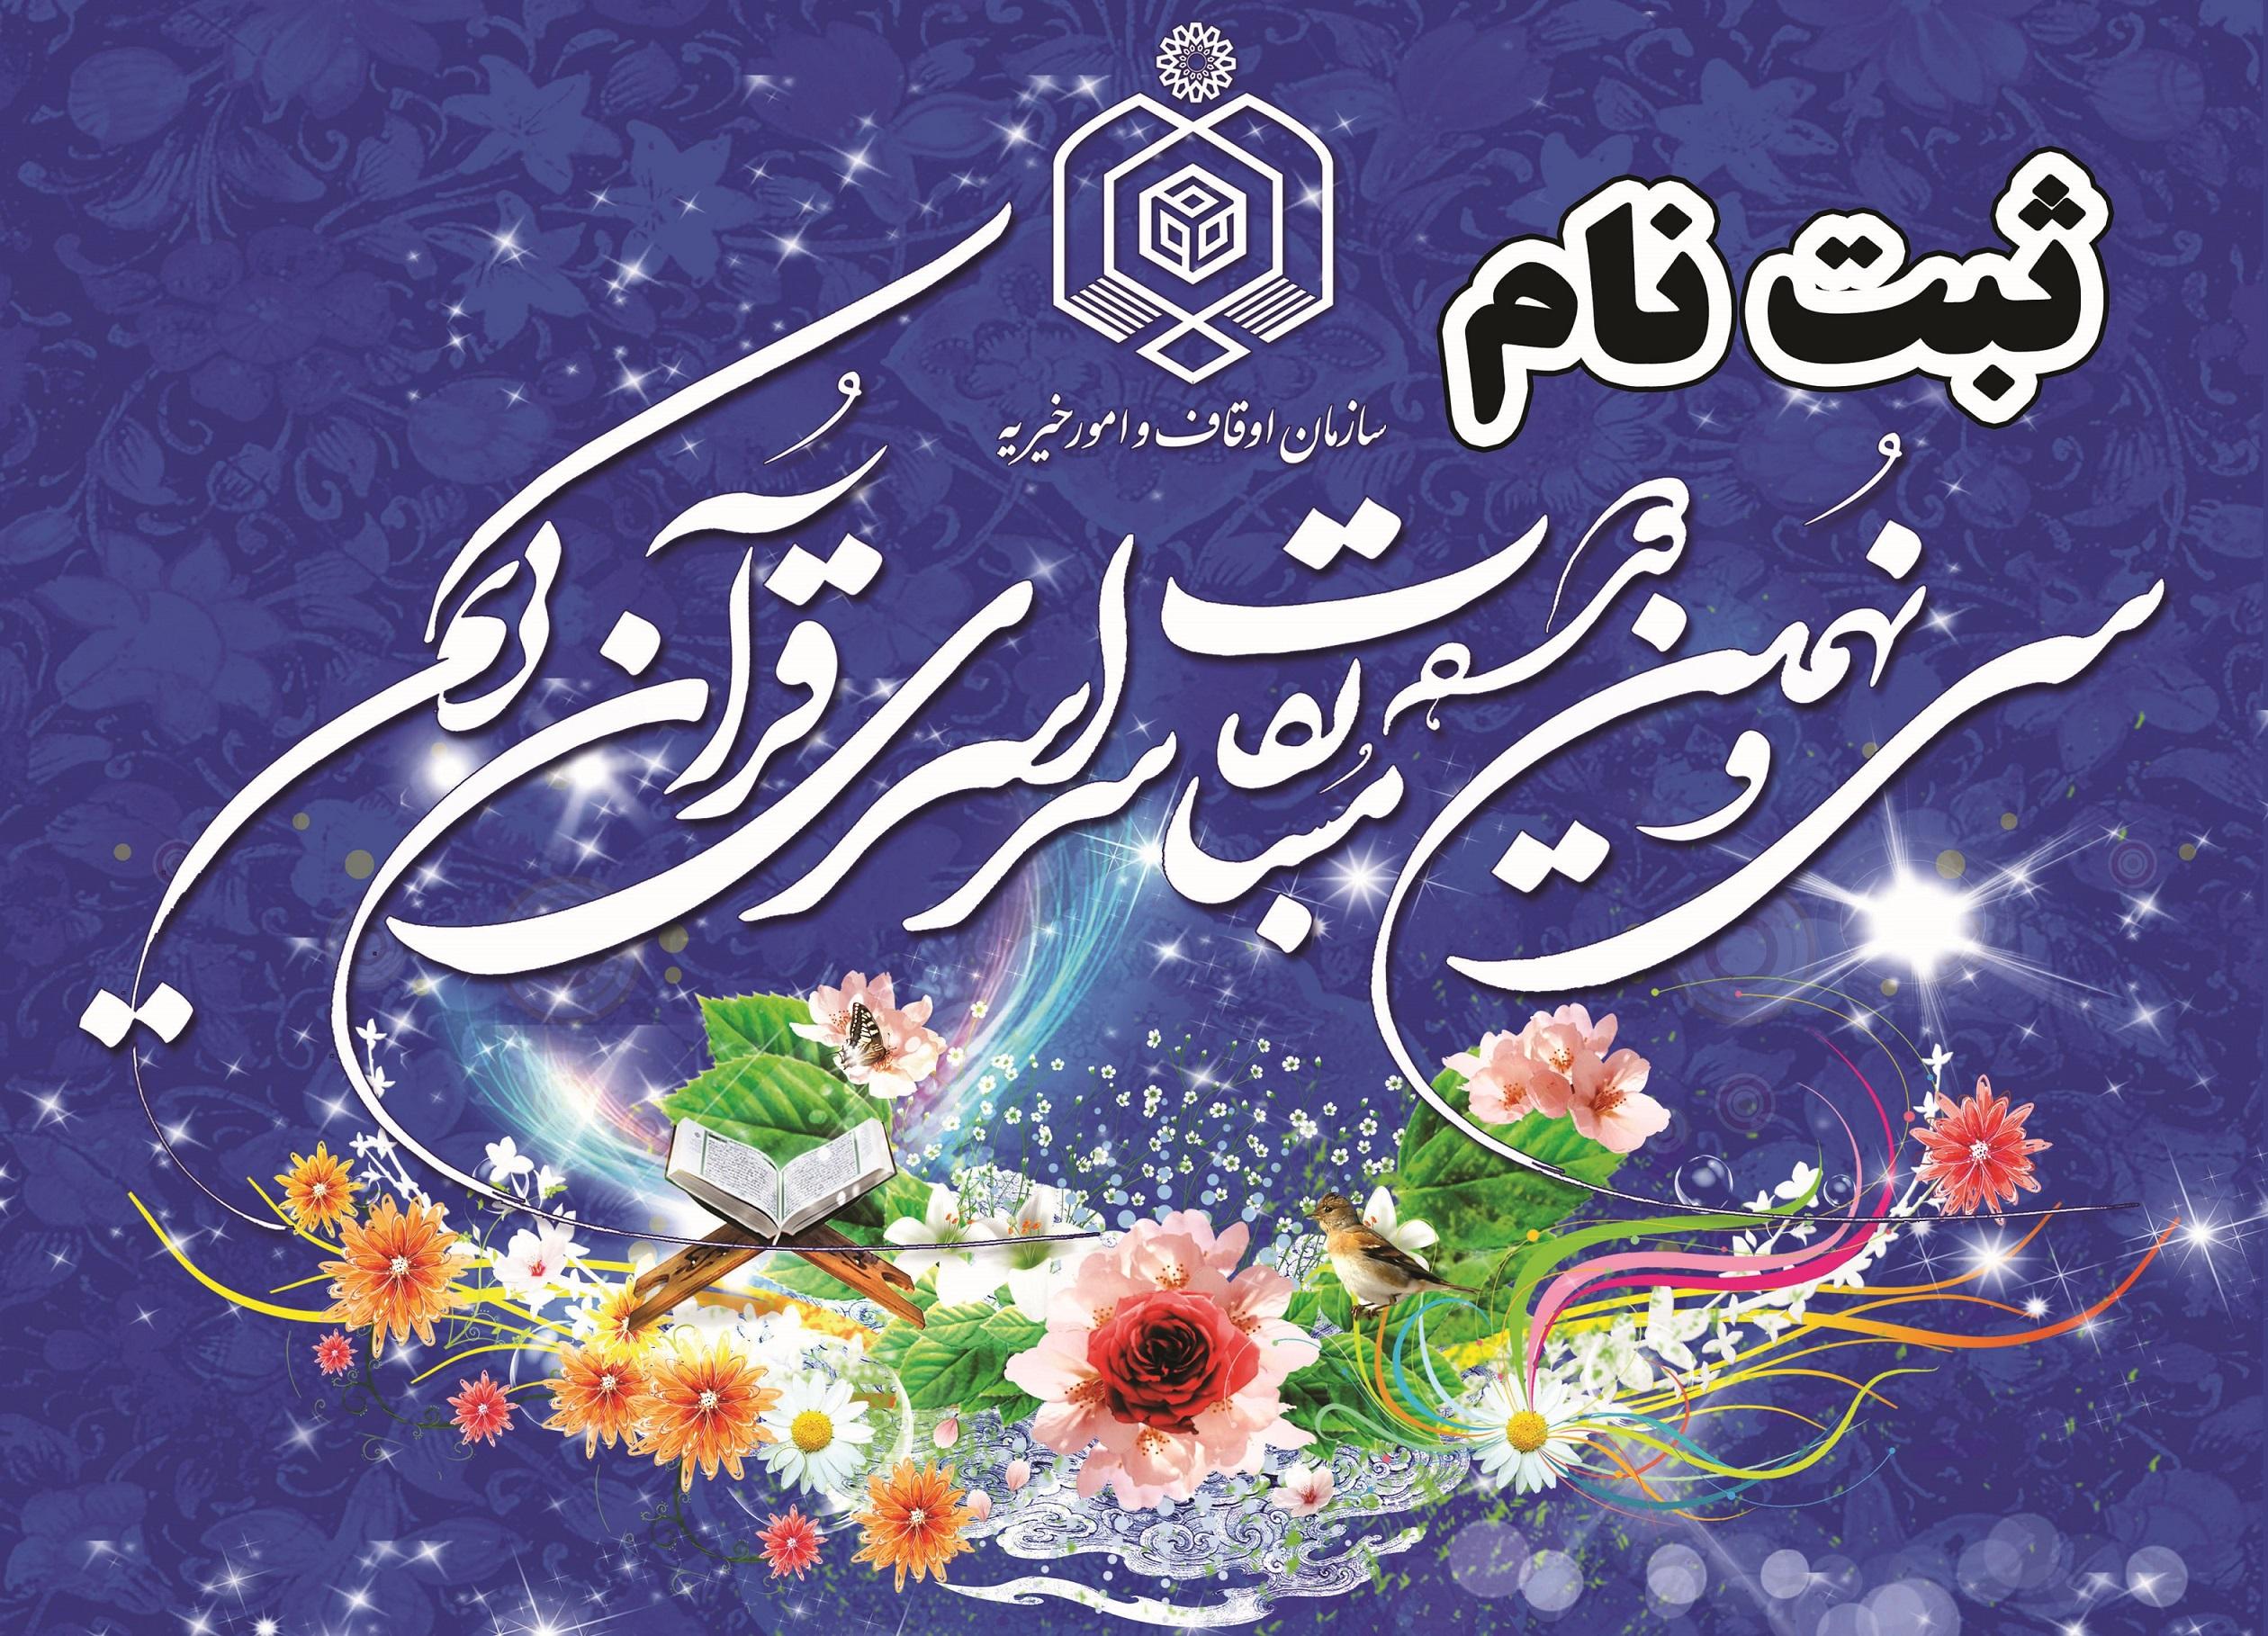 حفظ اوقاف آغاز ثبت نام سی و نهمین دوره مسابقات قرآن کریم سازمان ...